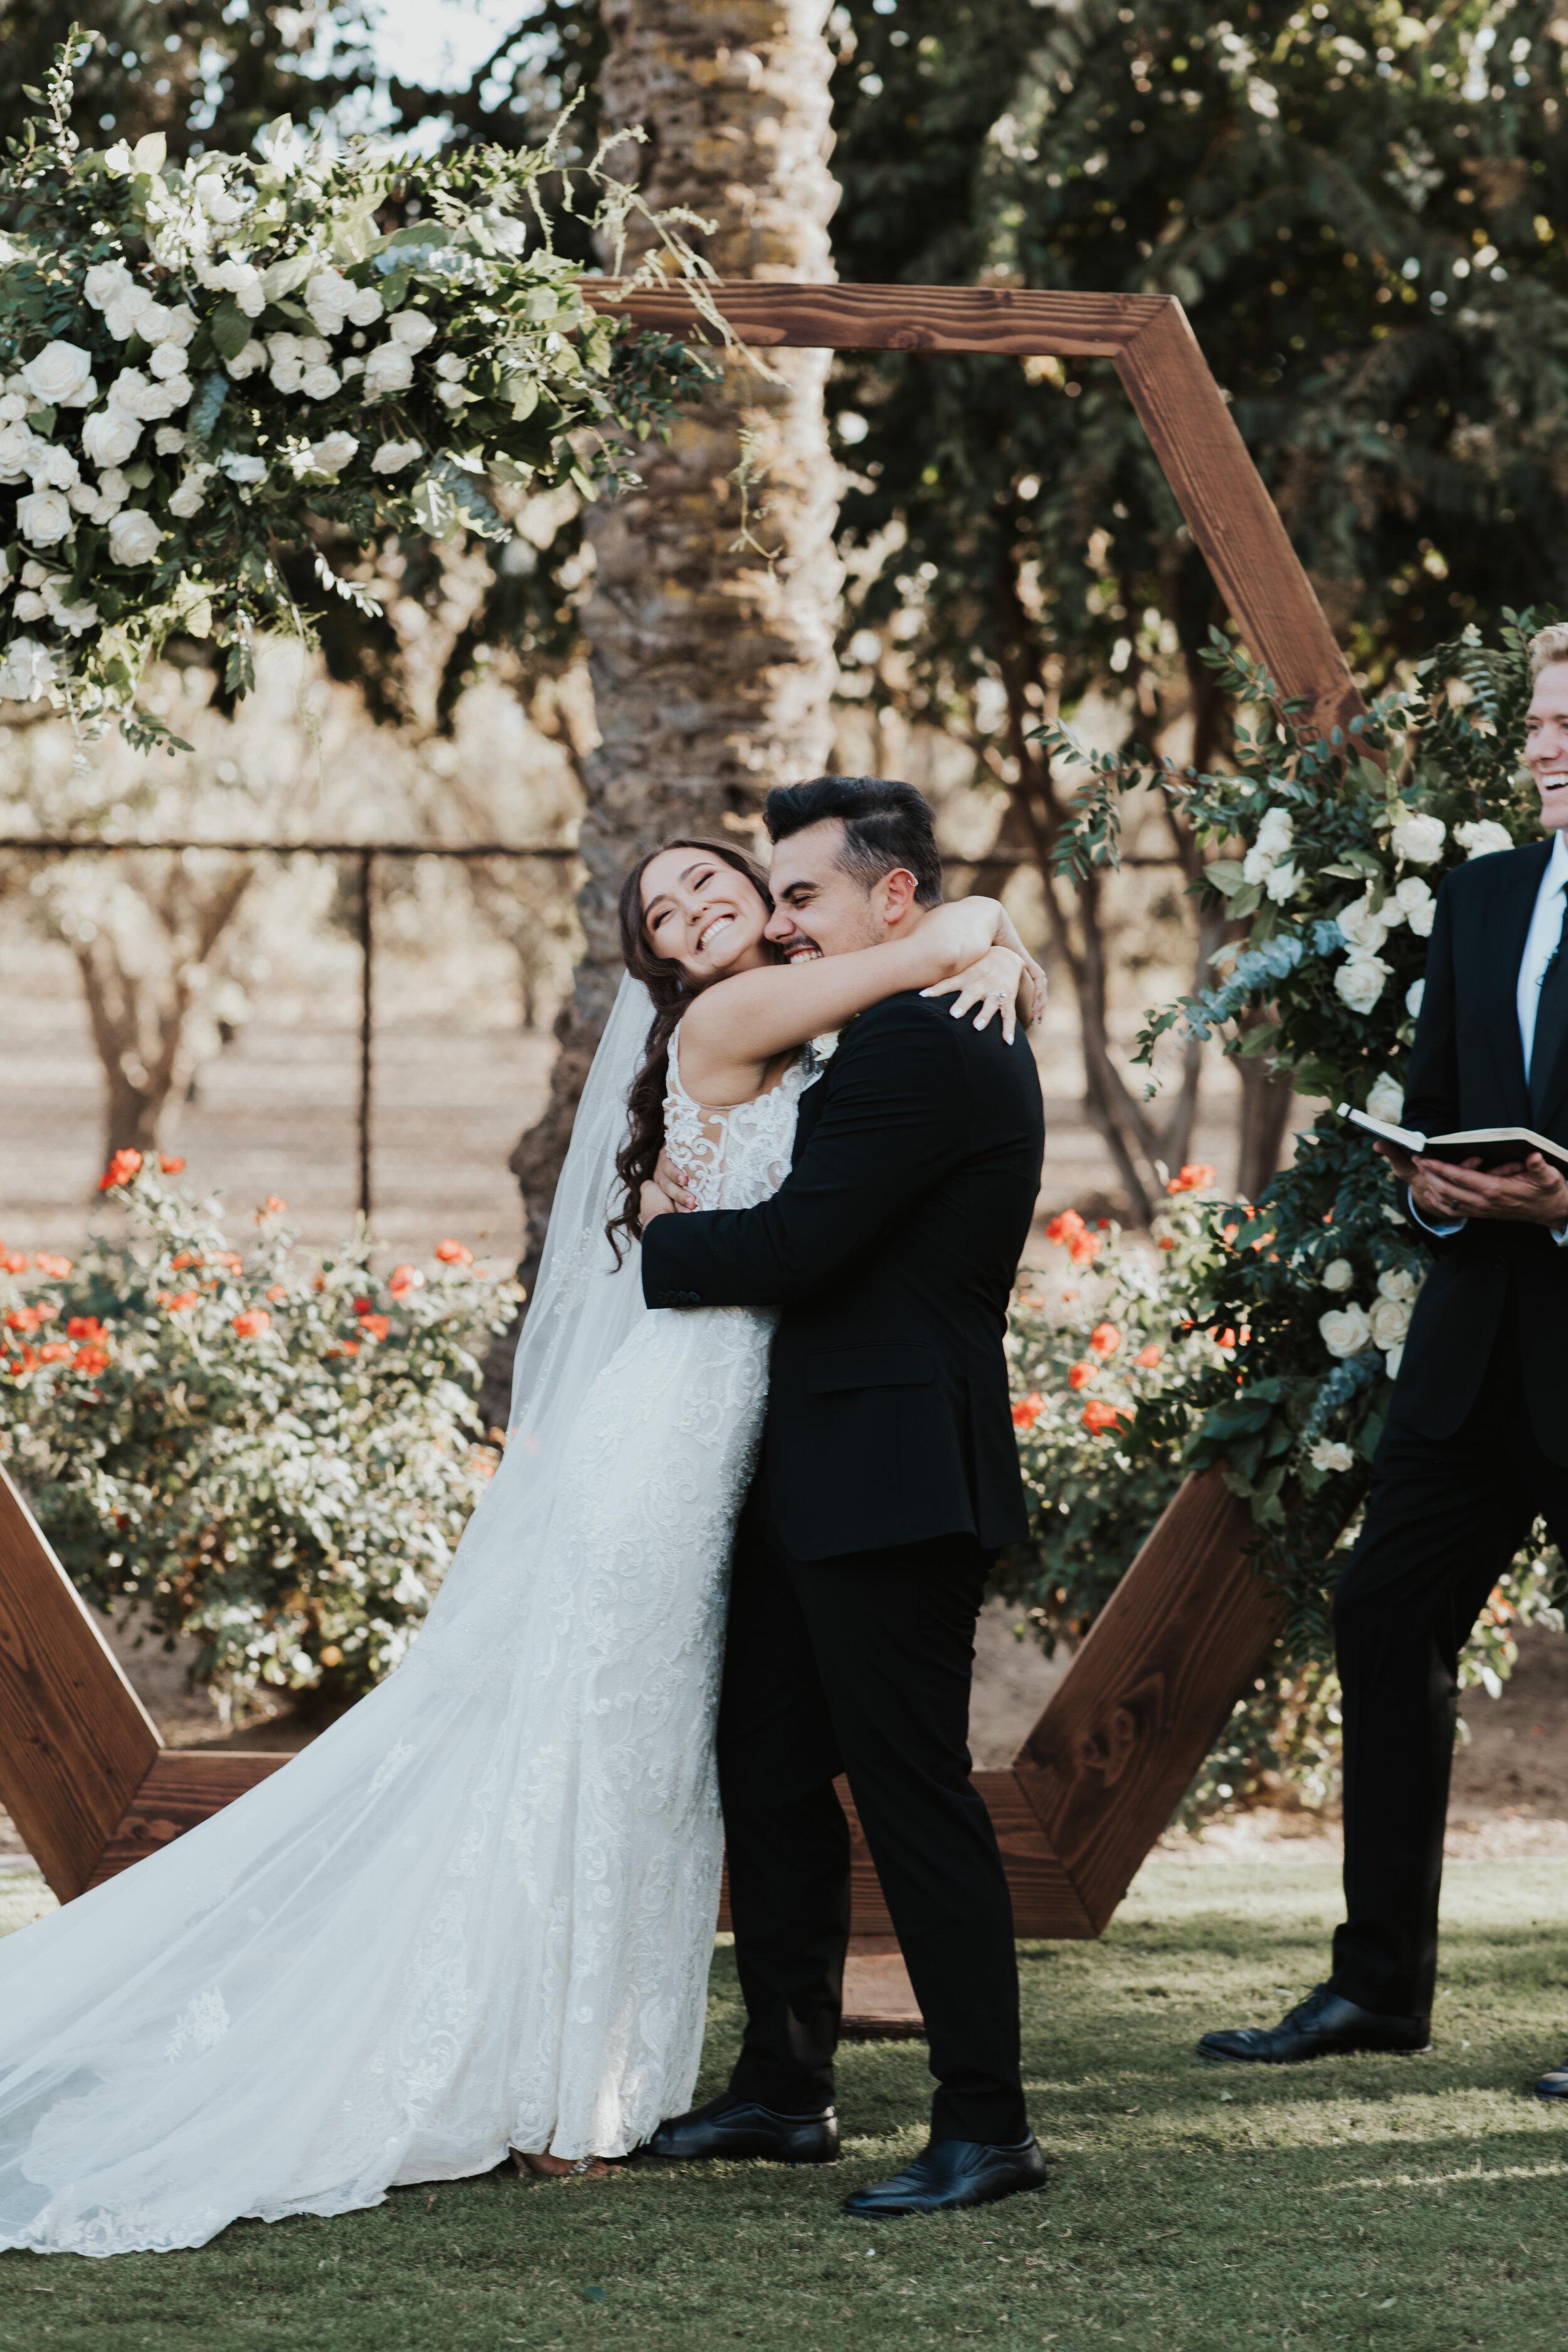 Emilee-Michael-Wedding-Tuscan-Gardens-Kingsburg-Central-Valley-California-SNEAK-PEEK-44.jpg